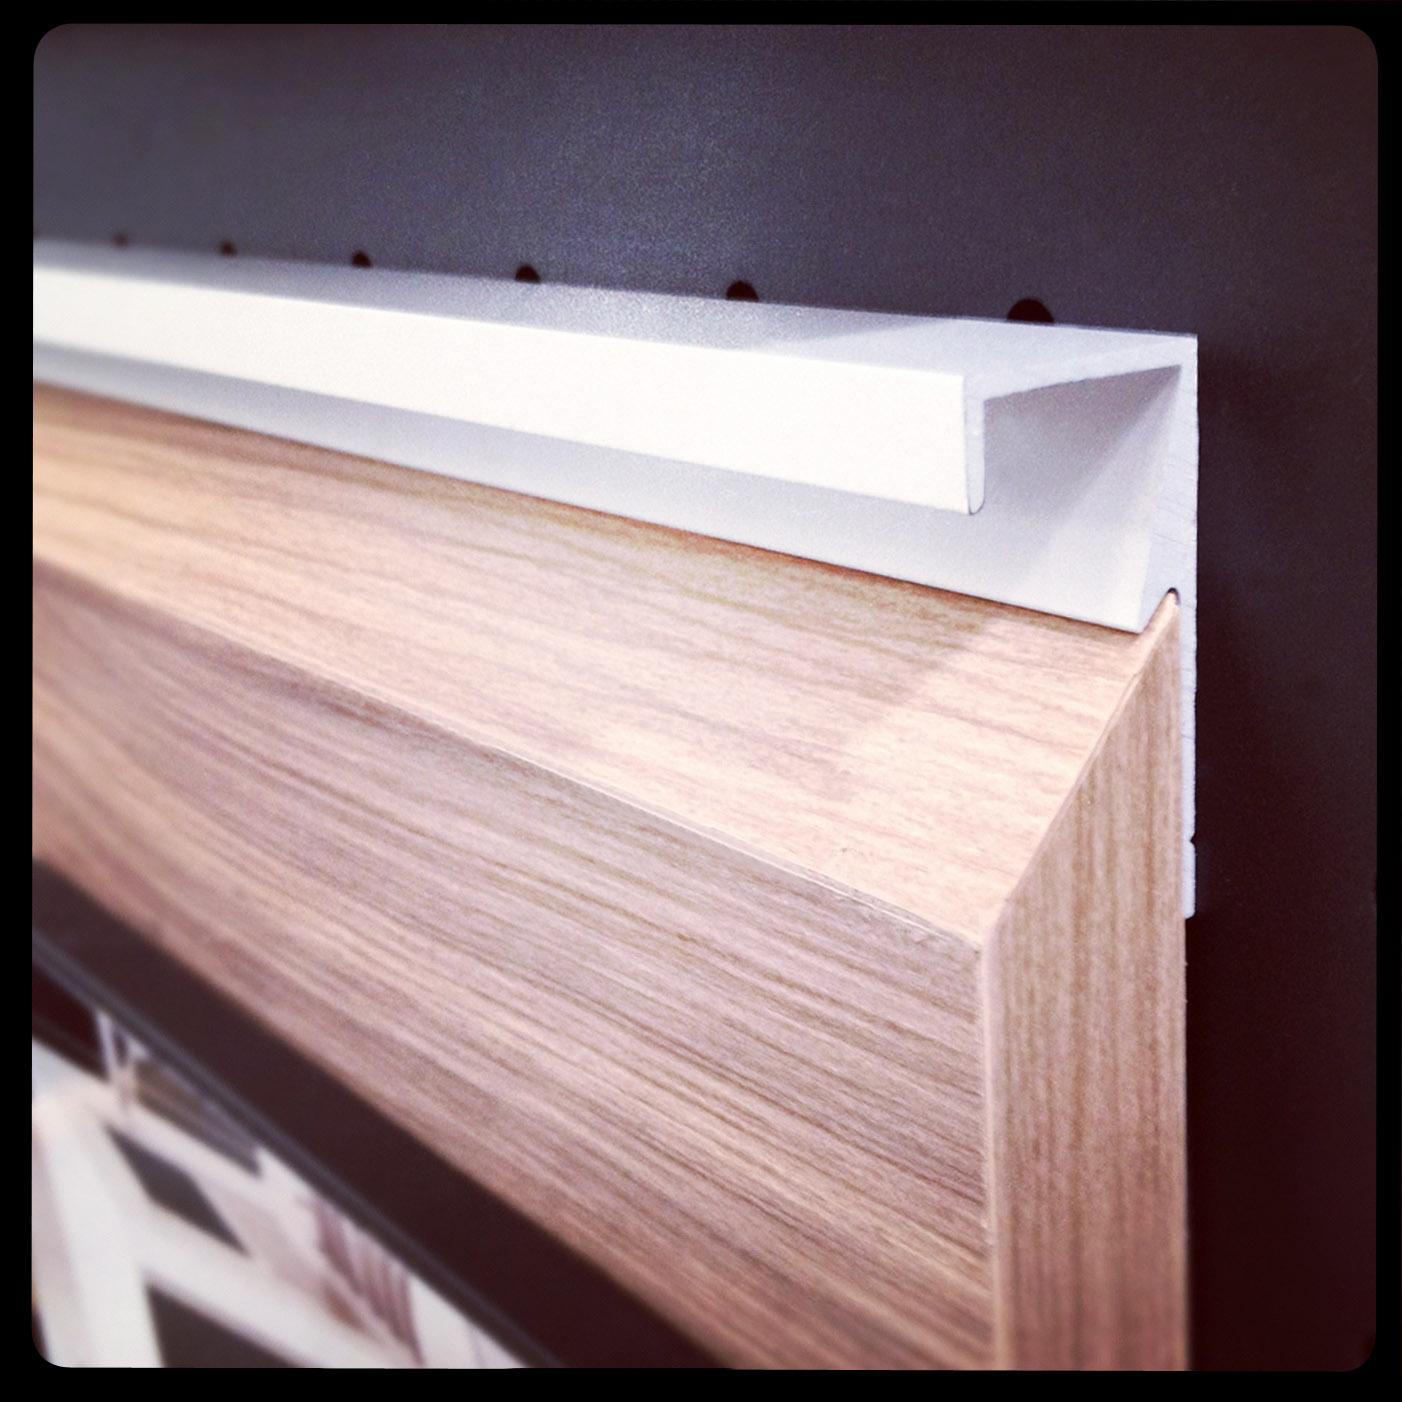 Puxador para móveis MILANO aplicado na madeira! #865745 1402x1402 Acessorios Banheiro Zen